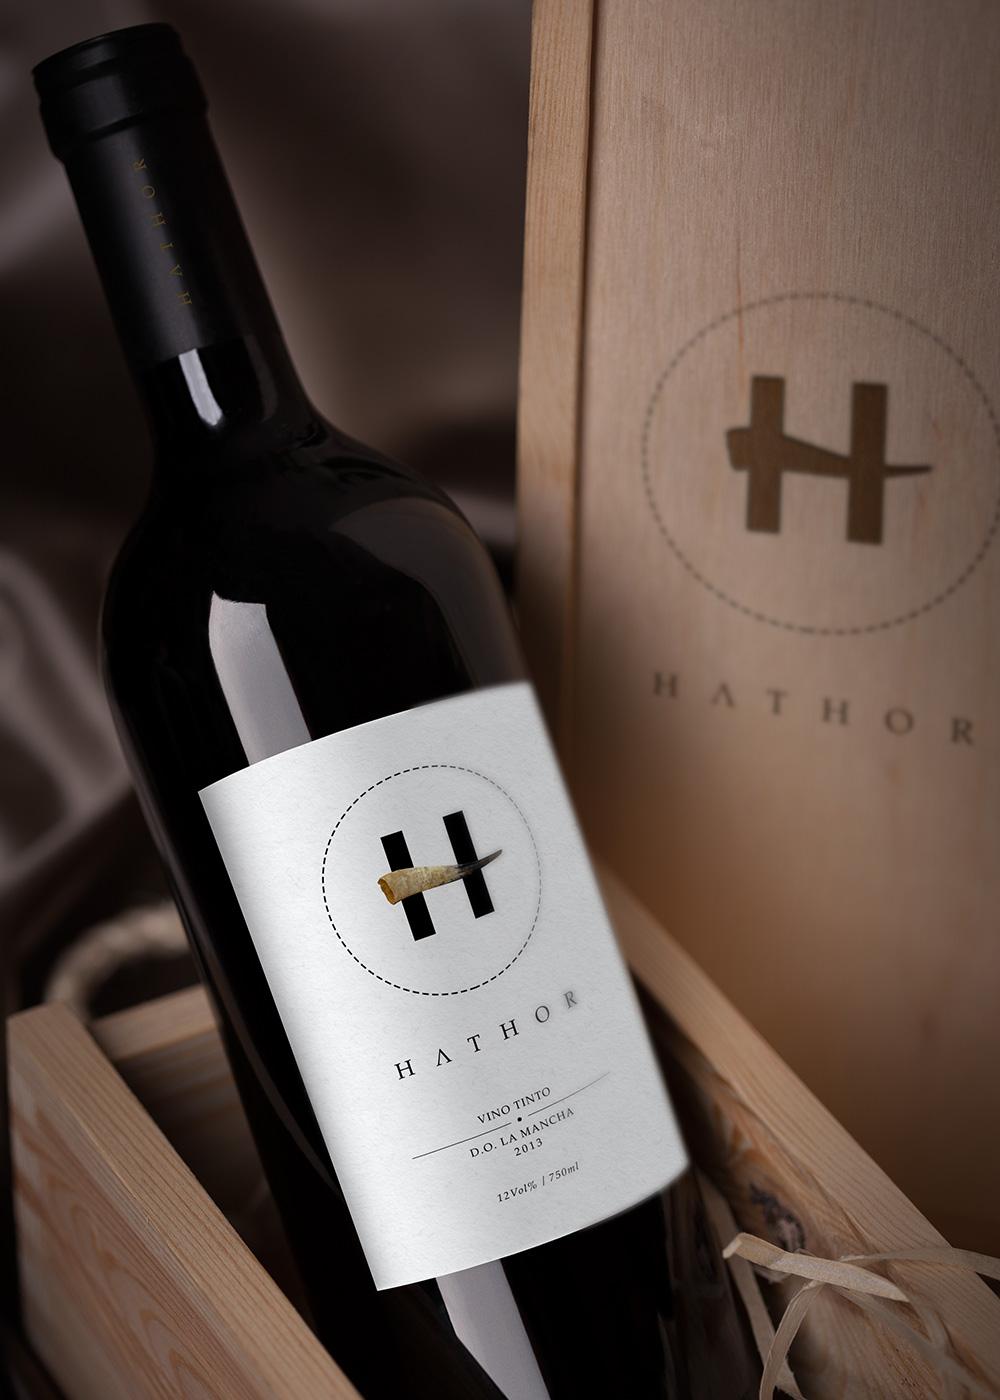 hathor_vertical_5